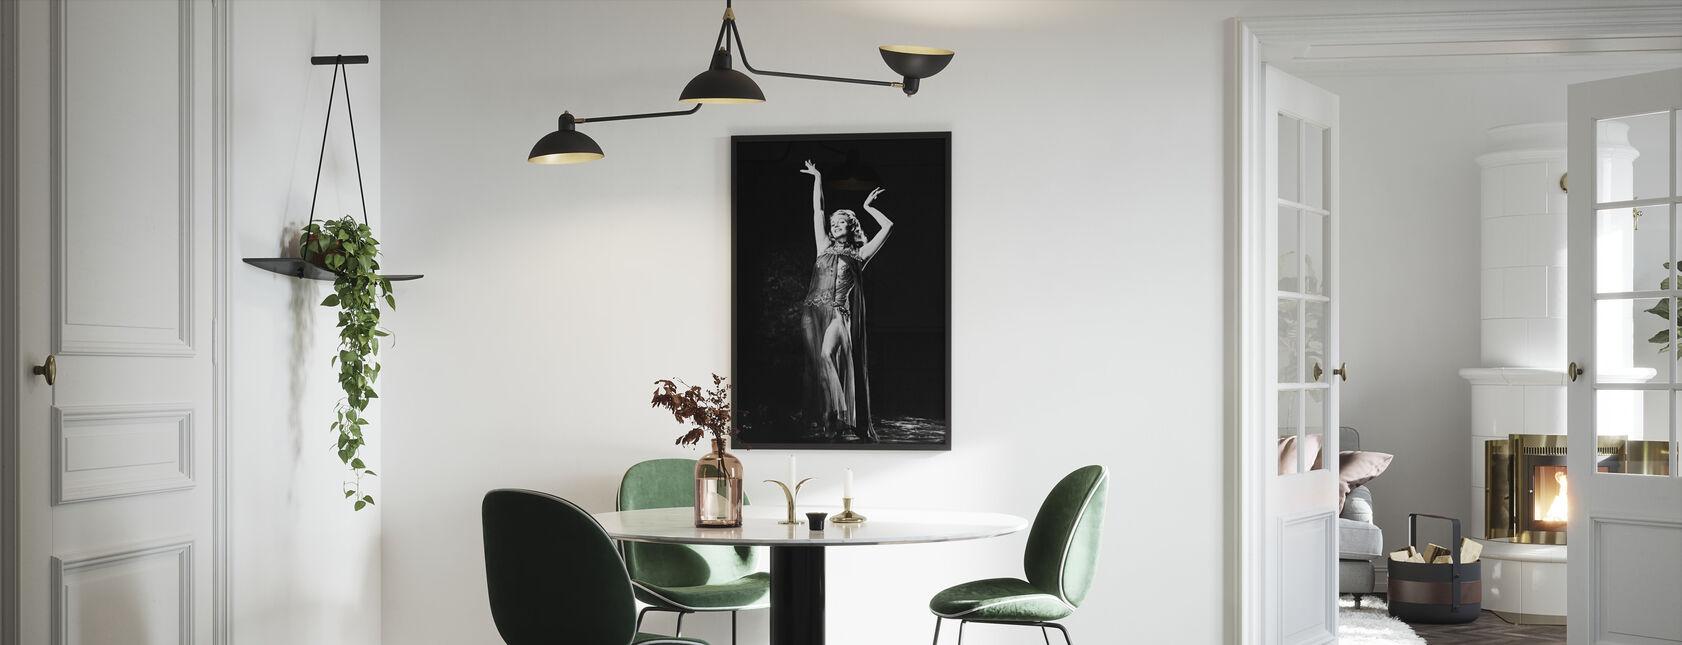 Rita Hayworth i Salome dansen af de syv slør - Indrammet billede - Køkken